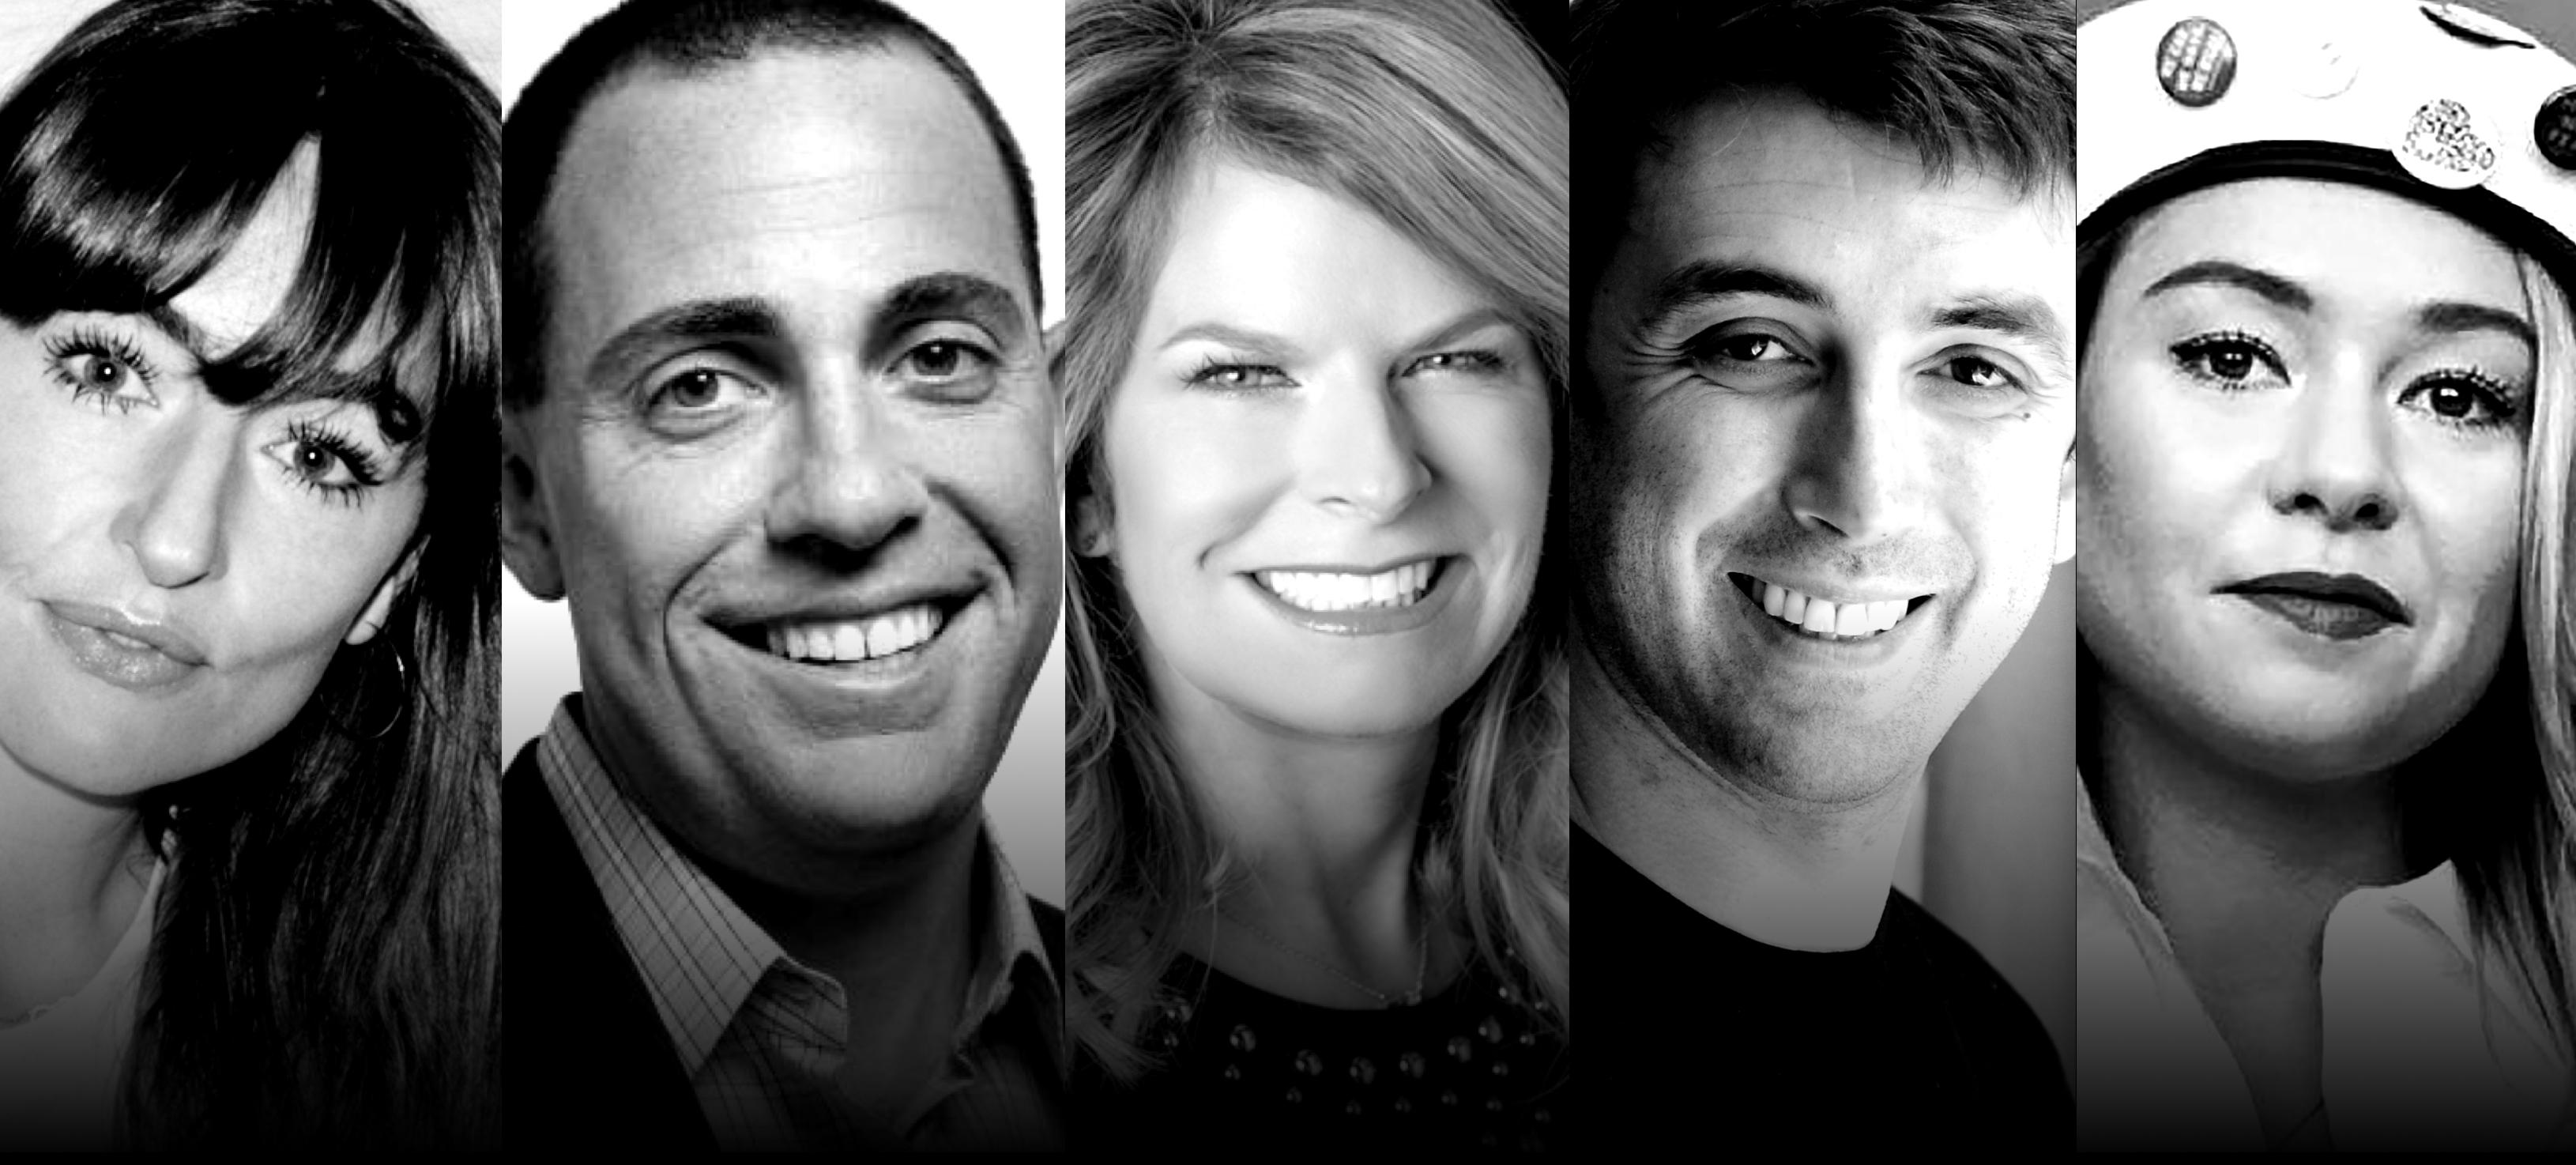 Jake Schwartz, Nicole Eagan, Michelle Kennedy, Matthew Lieberman, Polly Rodriguez